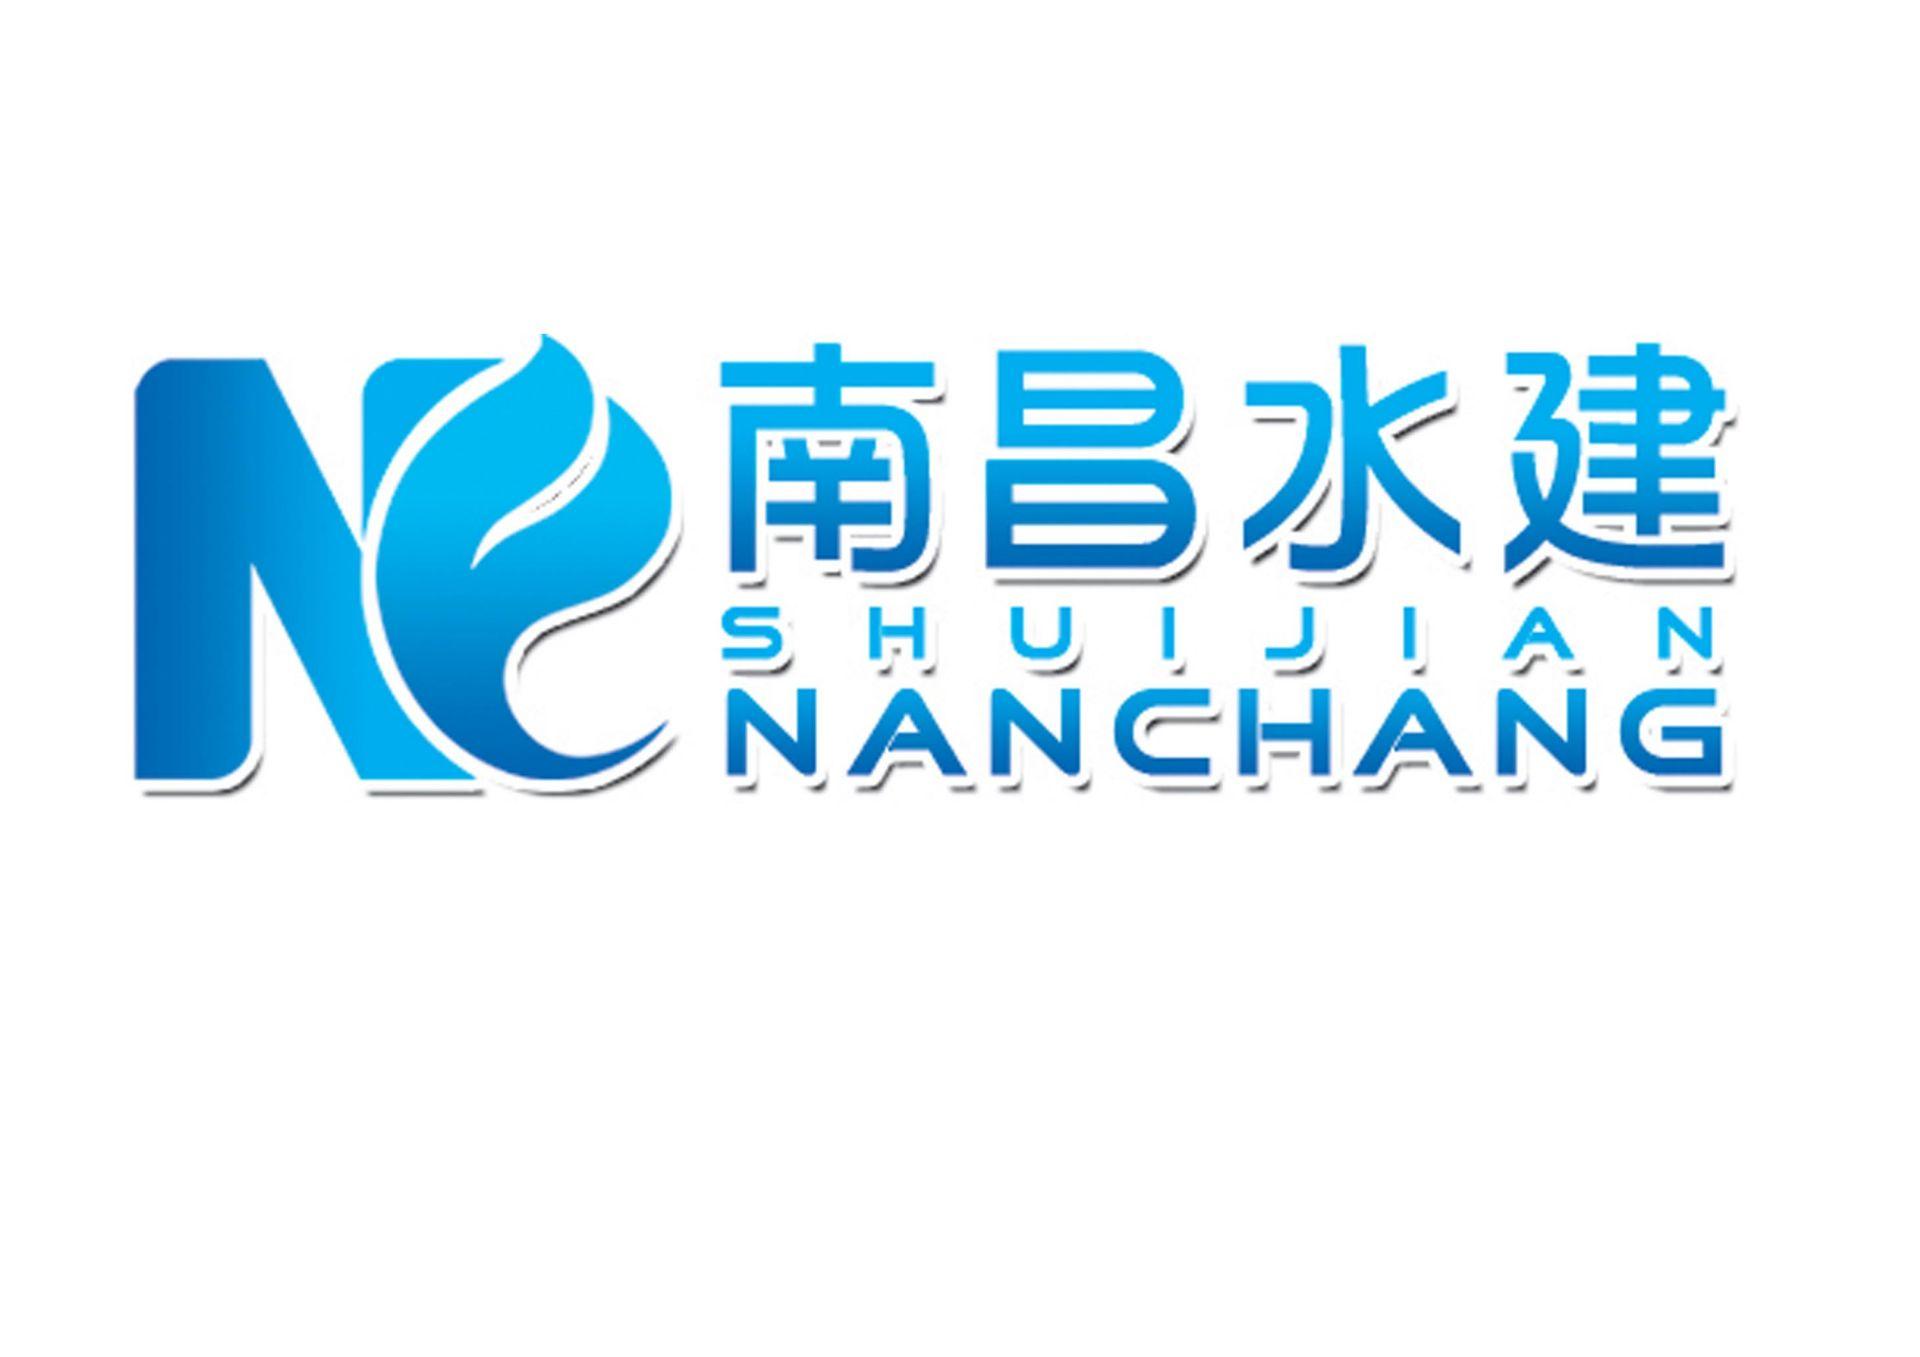 南昌市水利电力建设公司